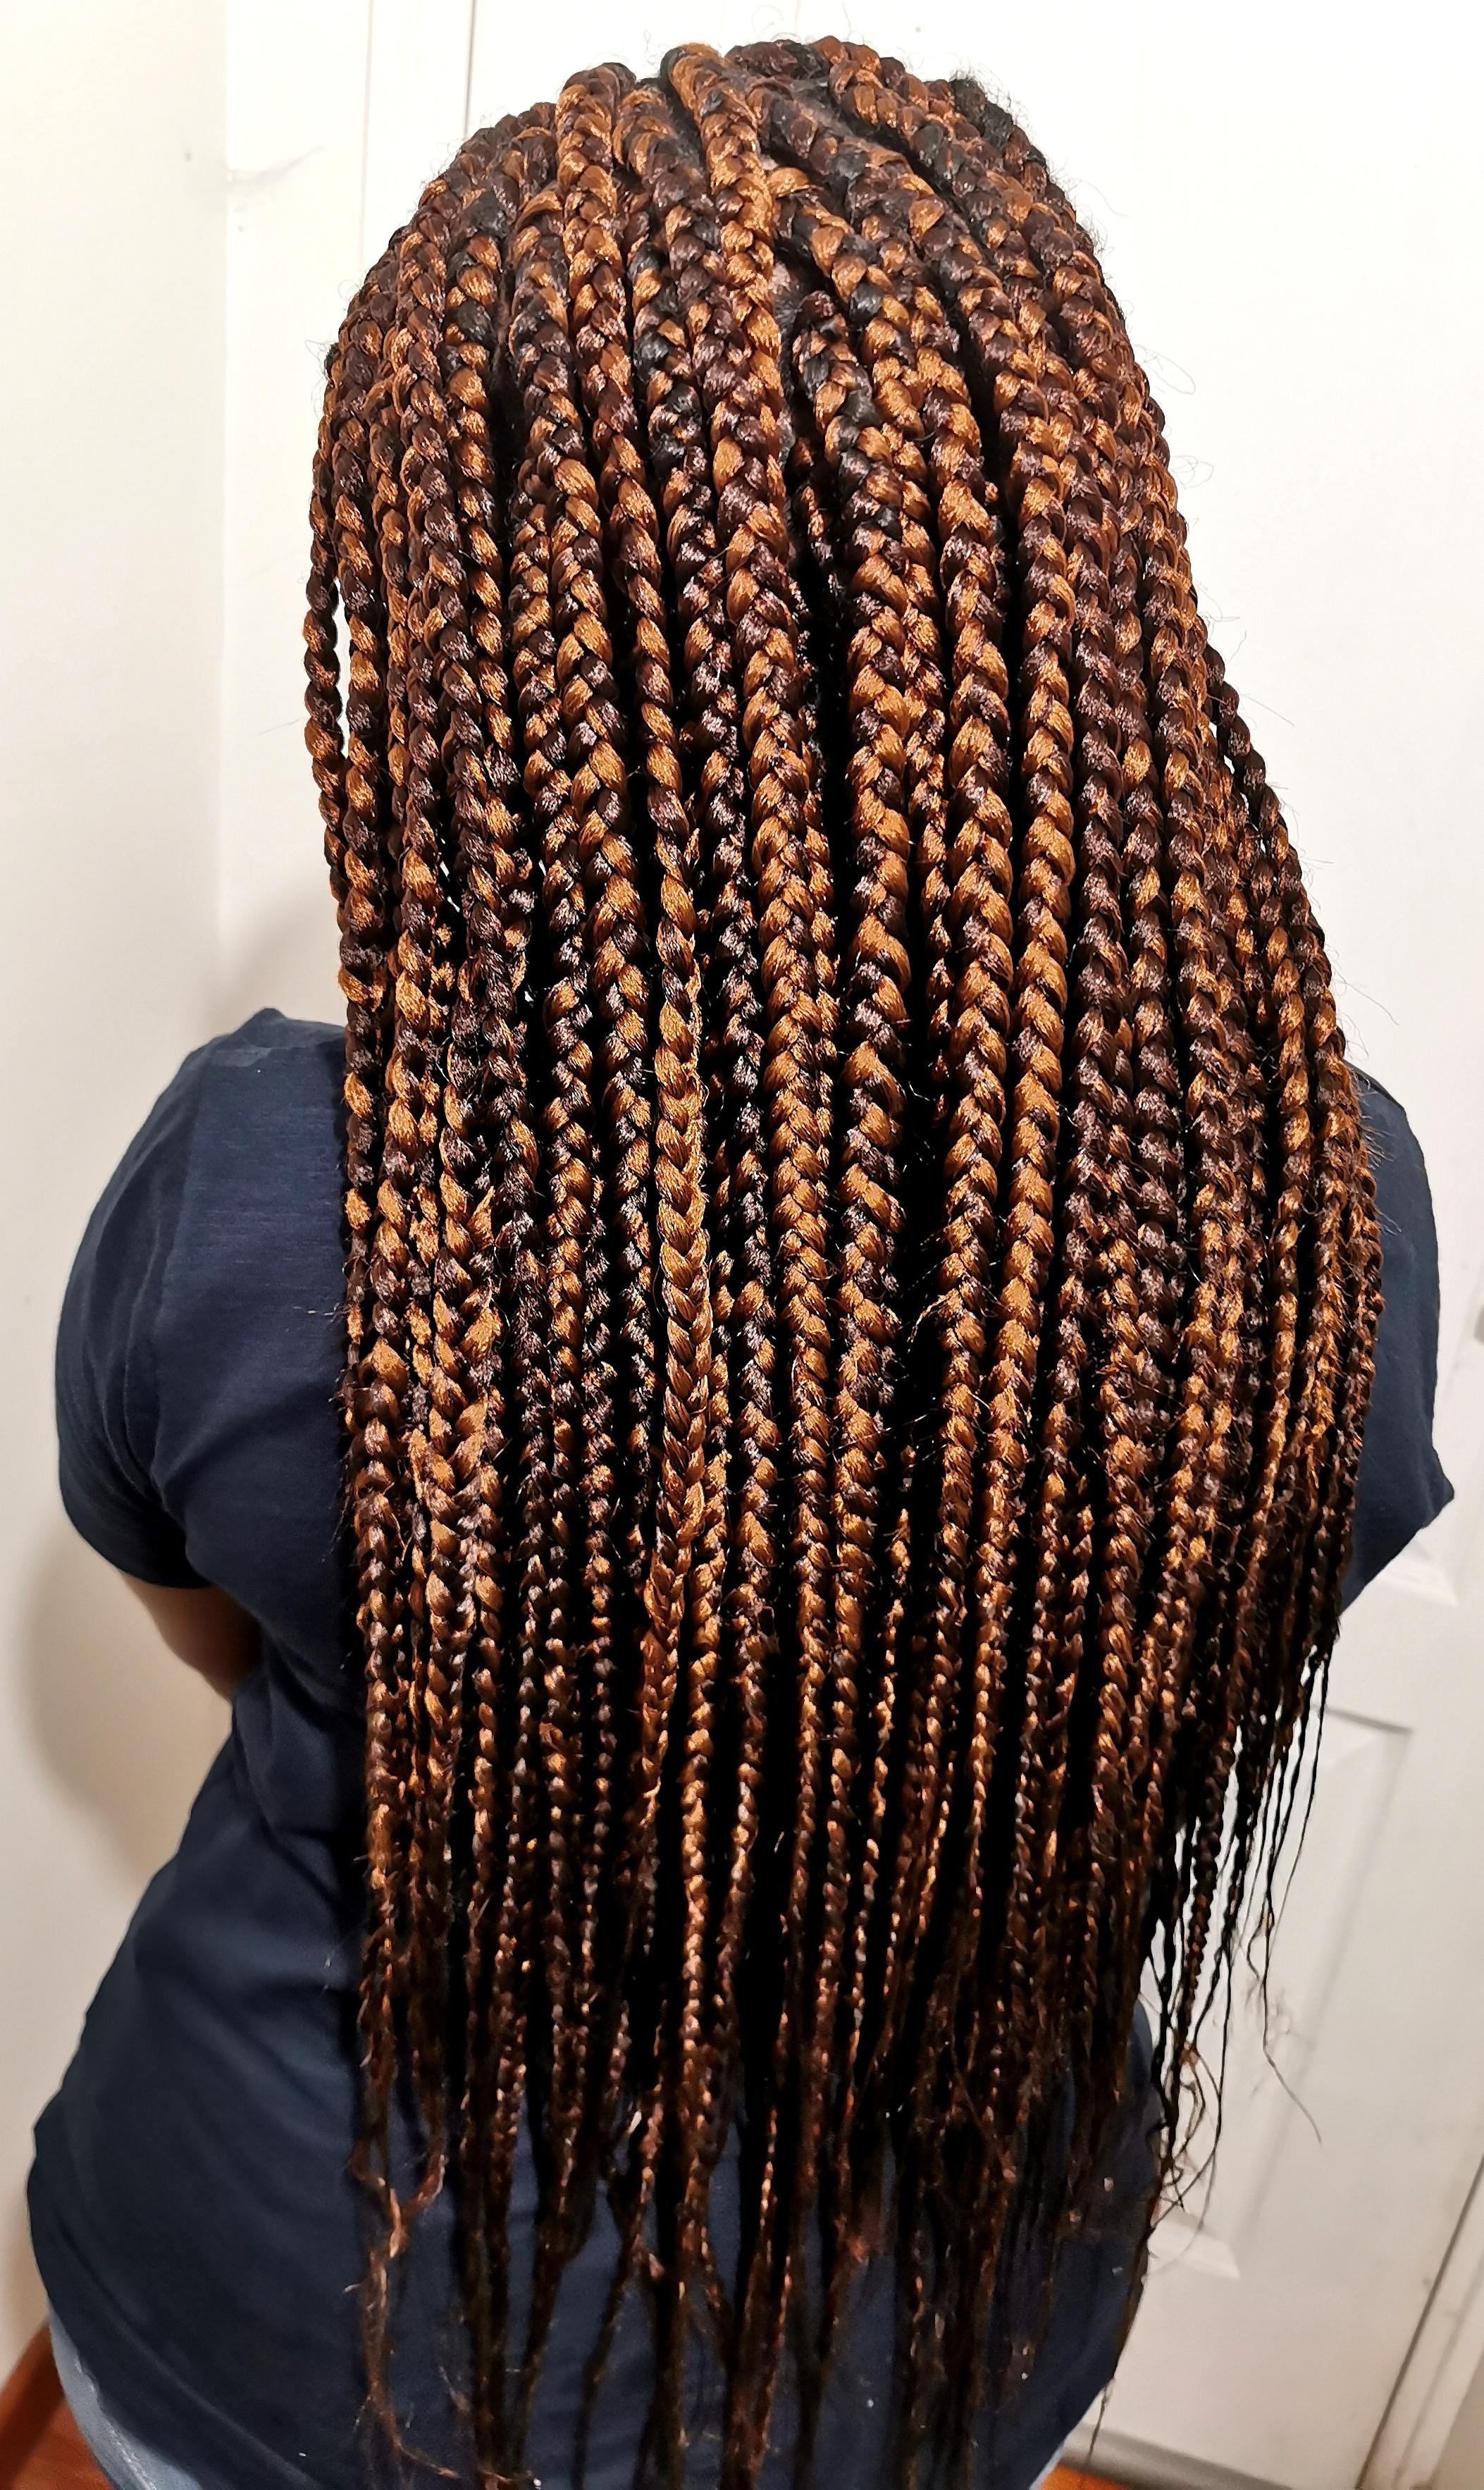 salon de coiffure afro tresse tresses box braids crochet braids vanilles tissages paris 75 77 78 91 92 93 94 95 KEWFPTZX